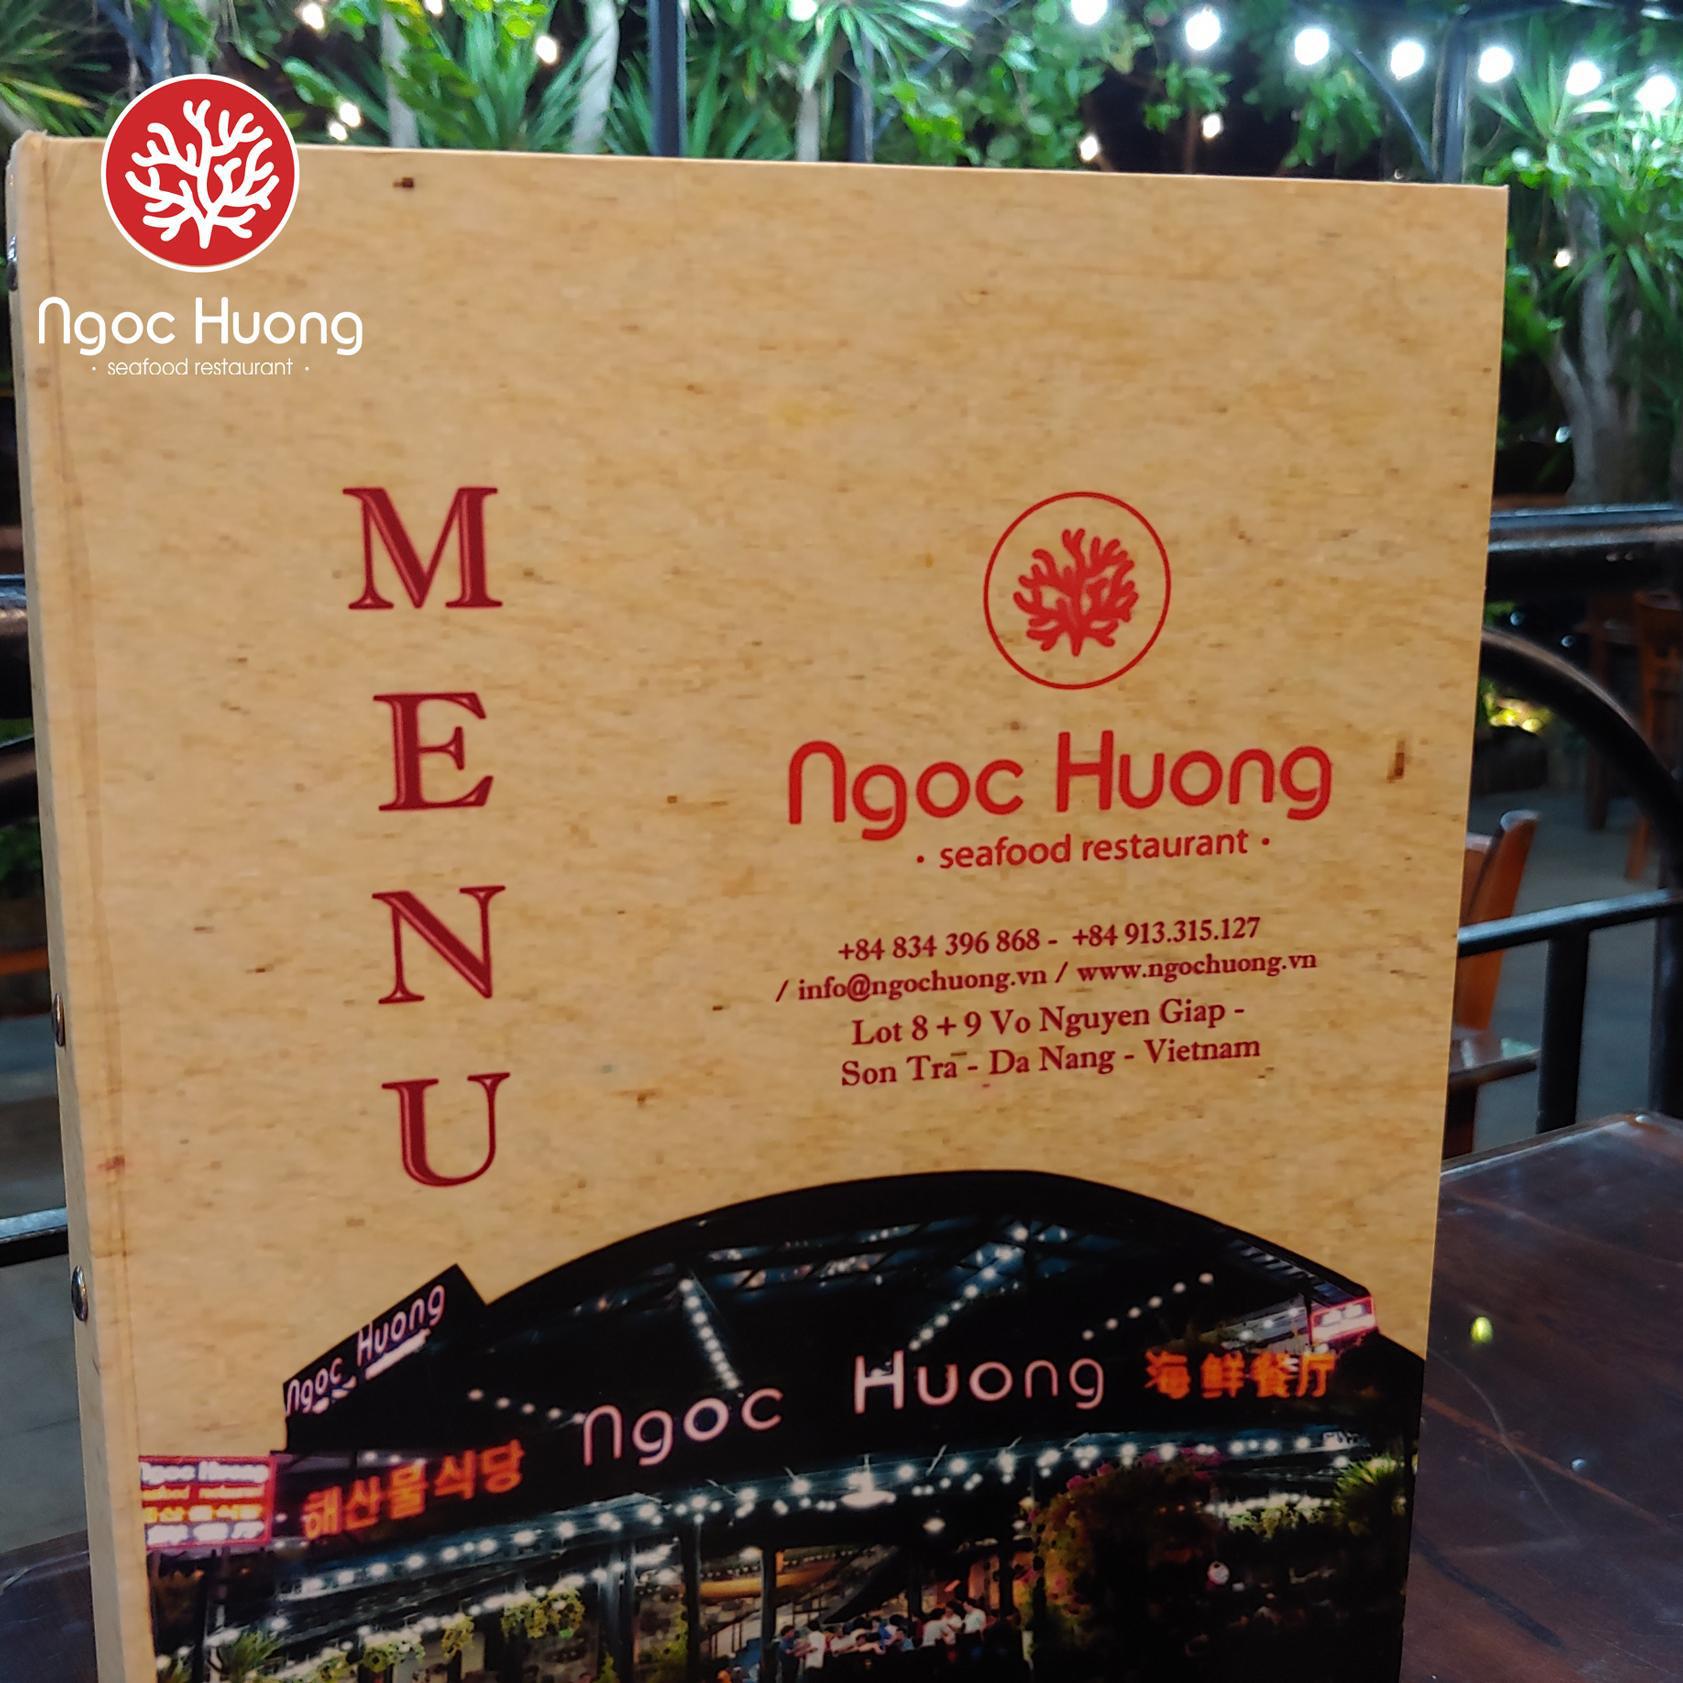 Ngoc Huong Seafood restaurant – nhà hàng hải sản trứ danh bậc nhất Đà Nẵng - Ảnh 5.